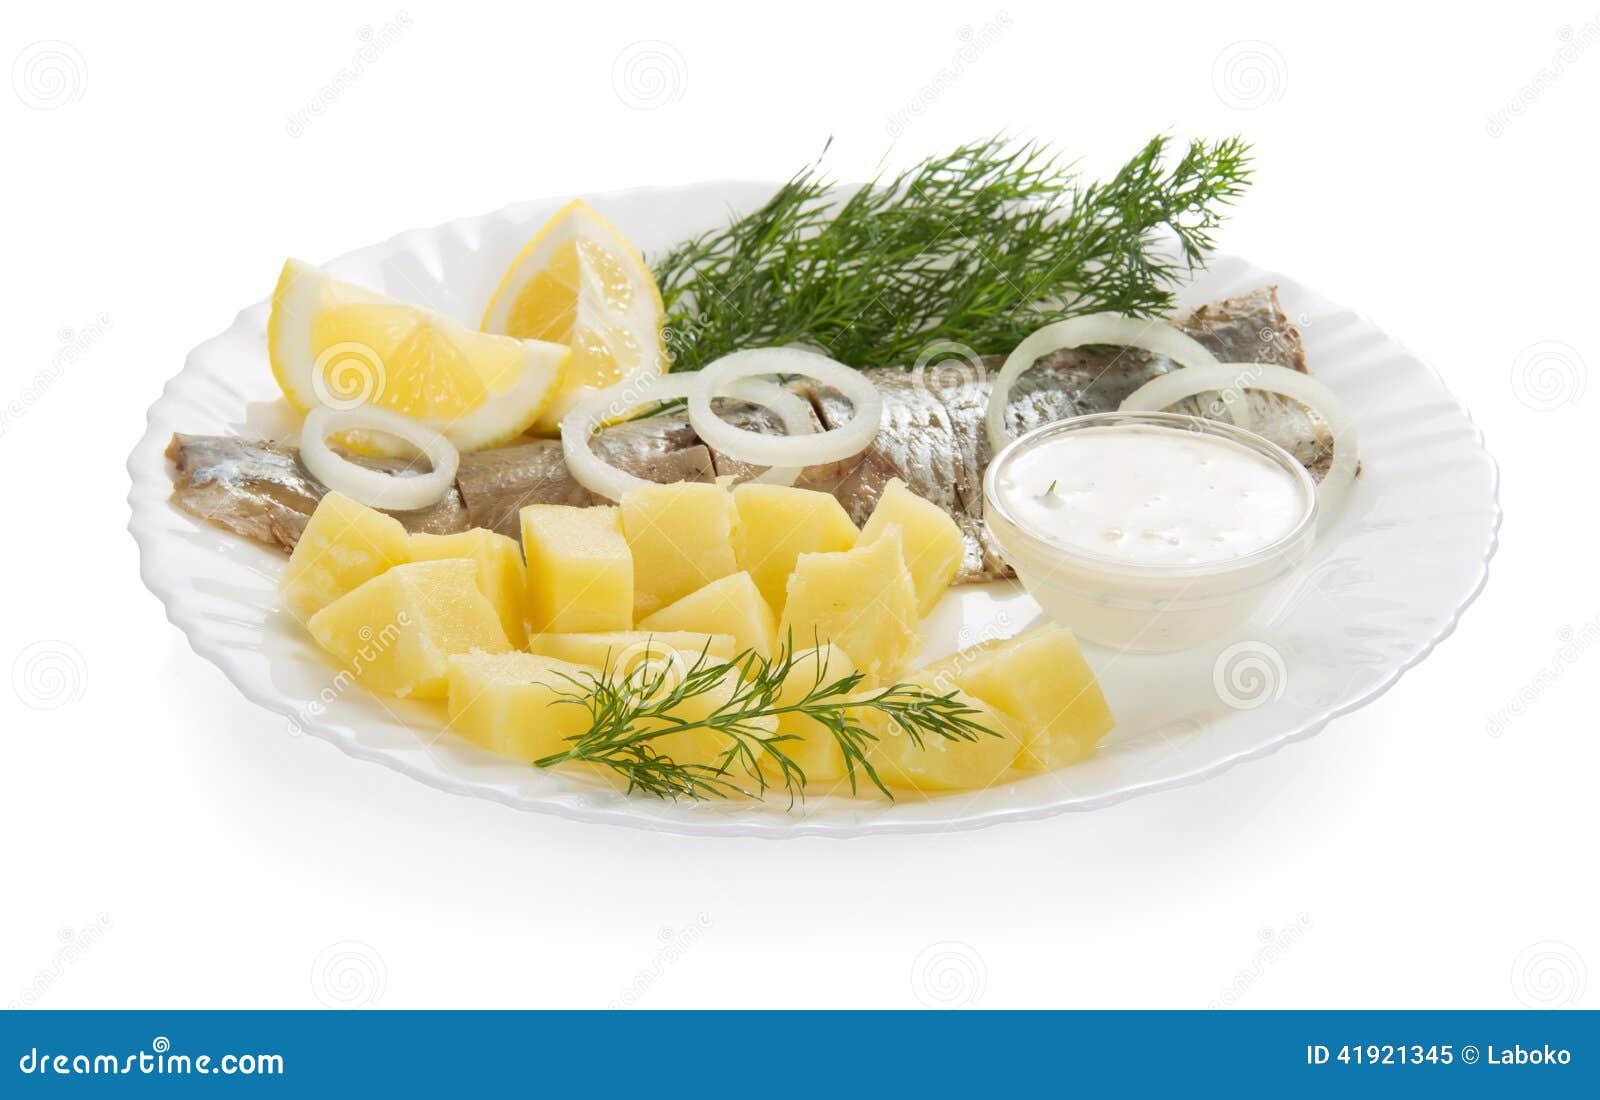 Rebanadas de arenques y de una patata, anillos de cebollas